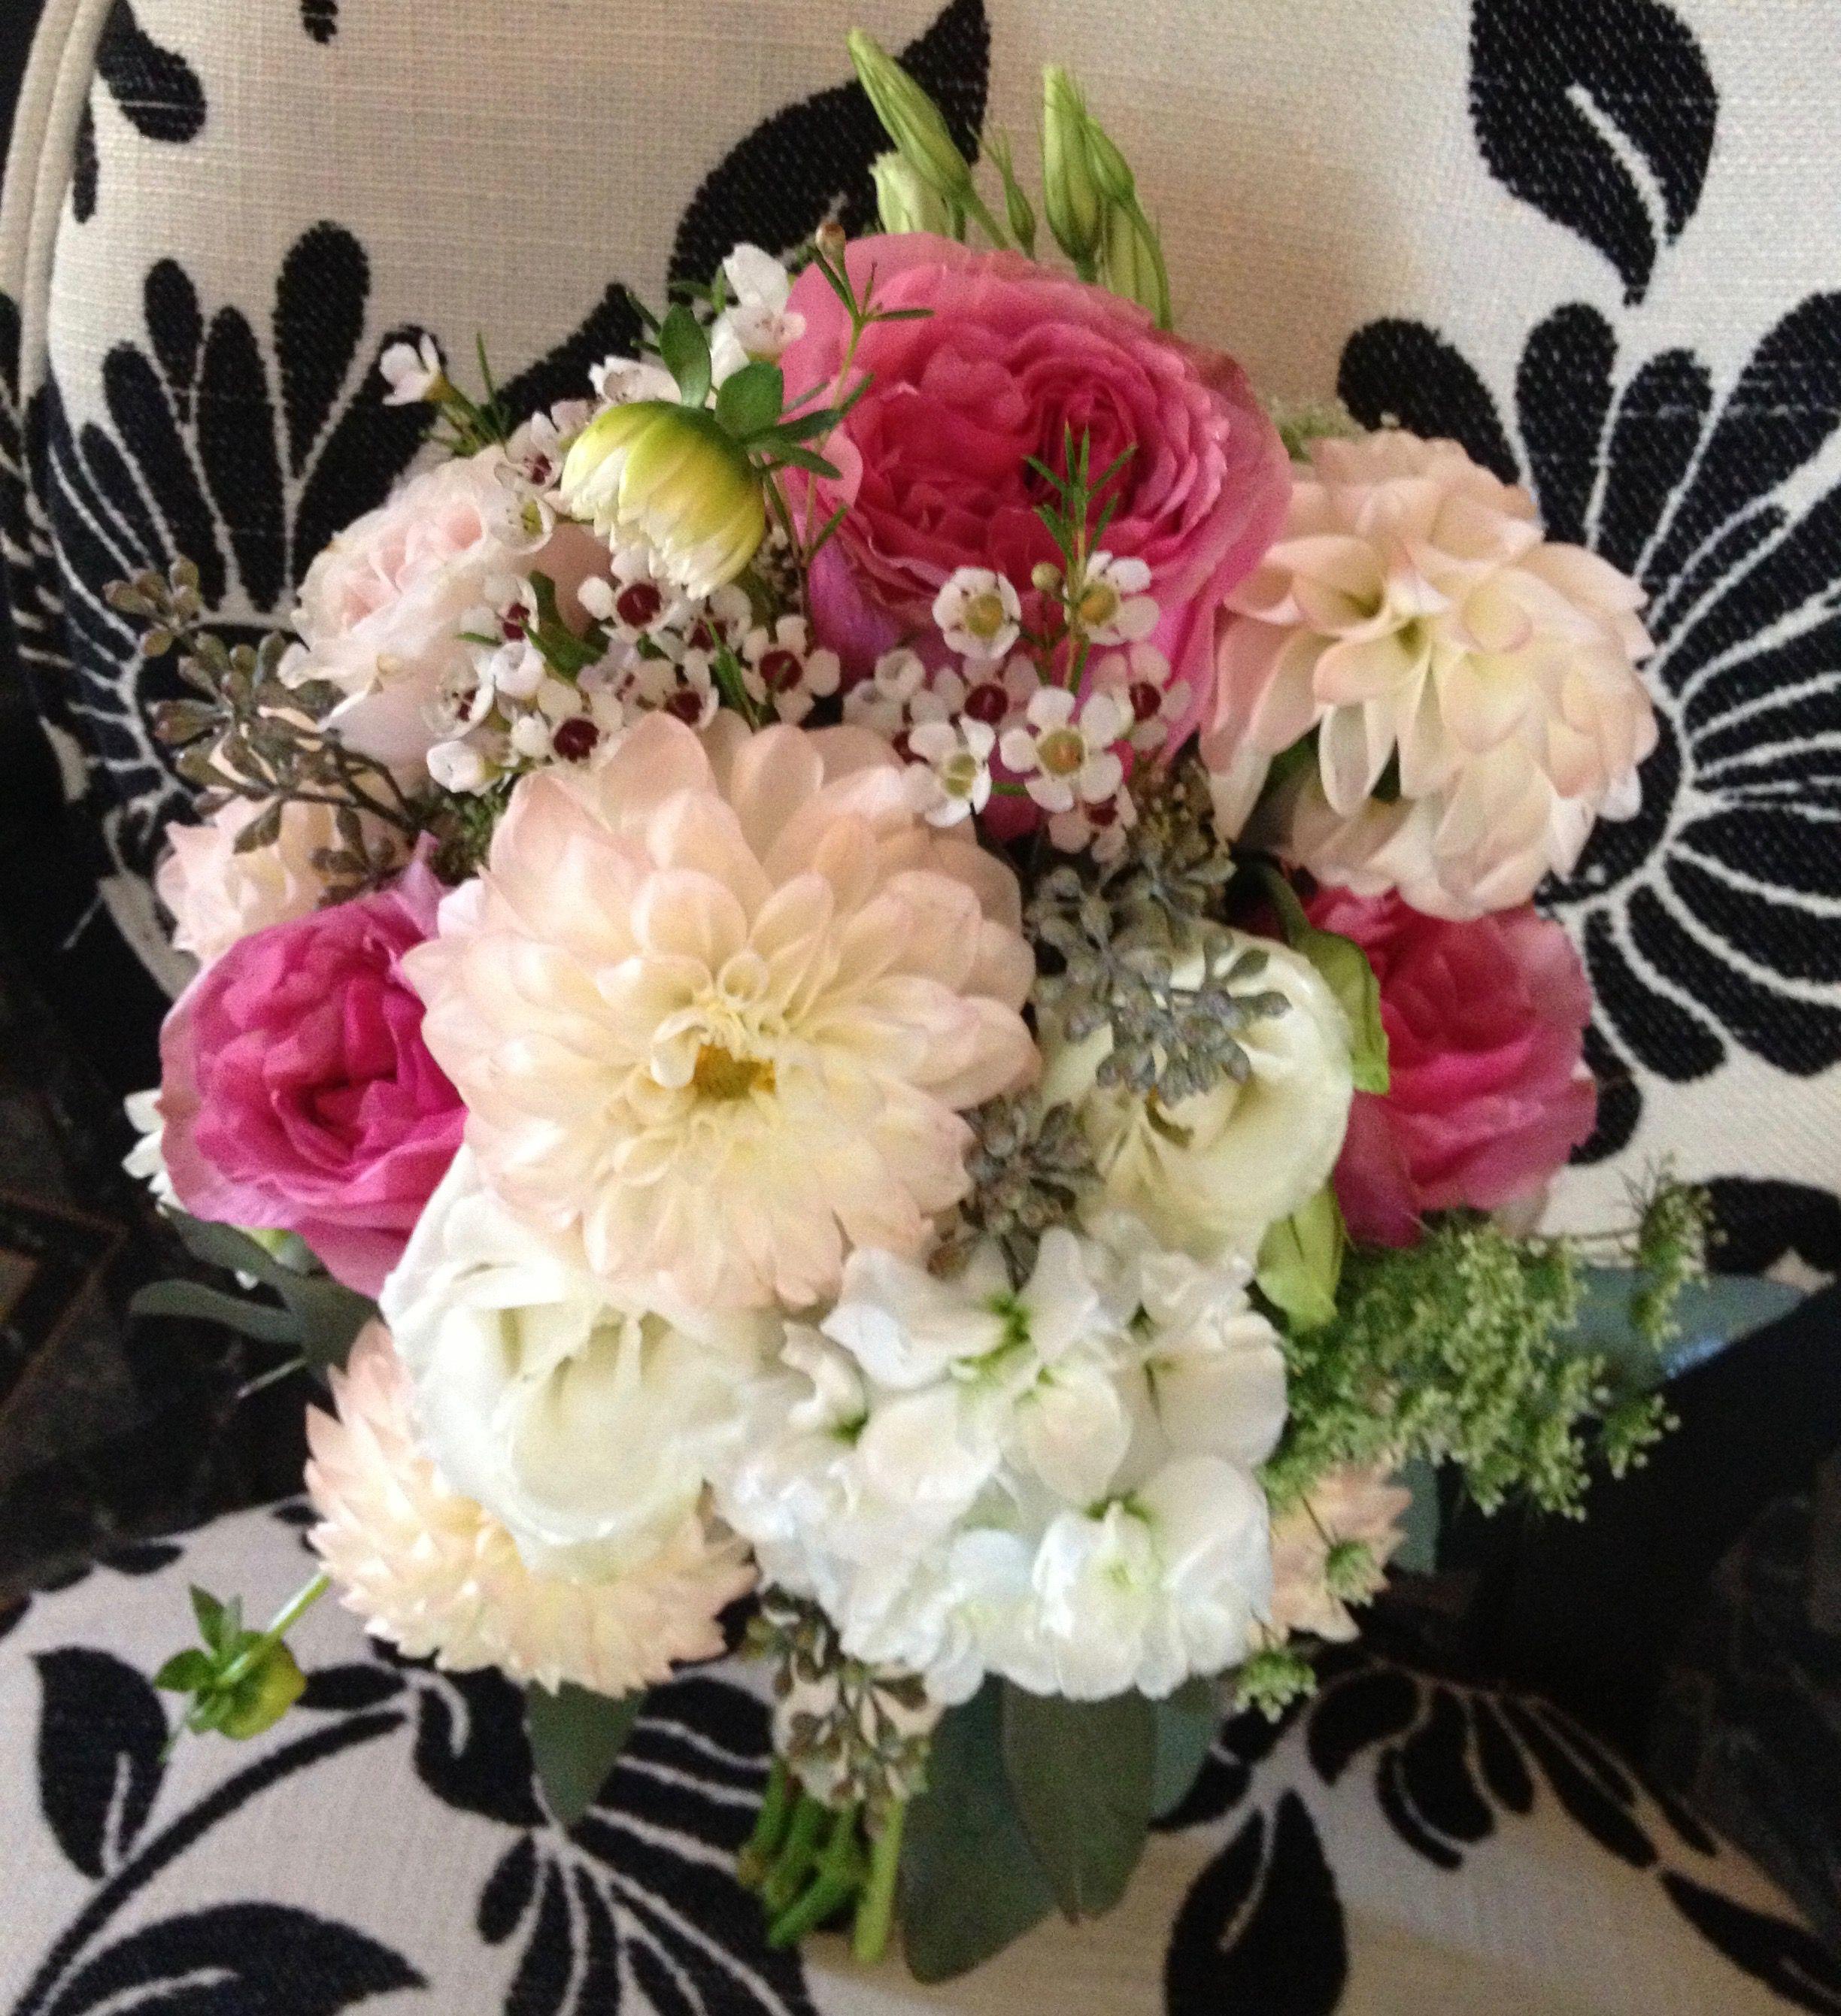 Dahlias garden roses wax flower bouquet by alta fleura bridal dahlias garden roses wax flower bouquet by alta fleura izmirmasajfo